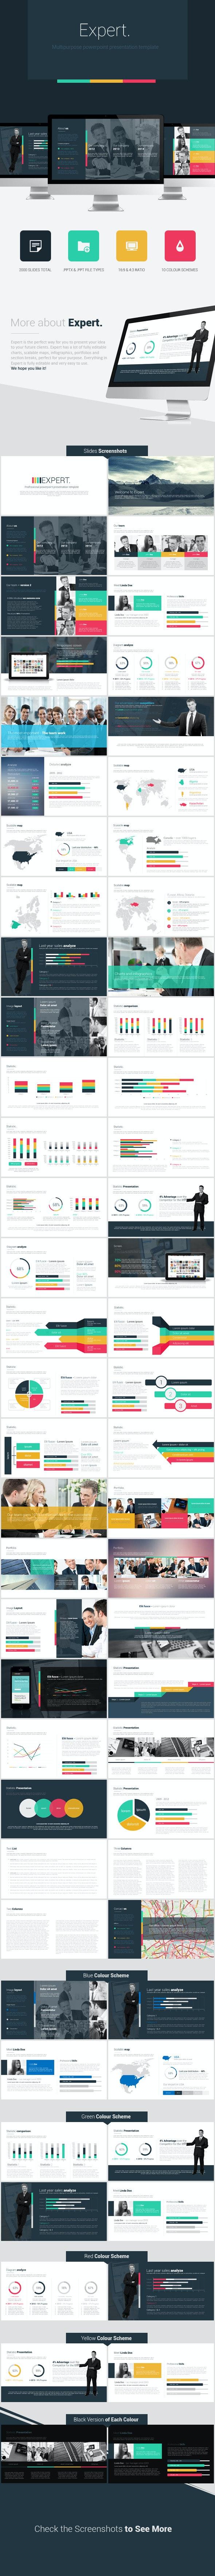 Expert Powerpoint Presentation Template - PowerPoint Templates Presentation Templates